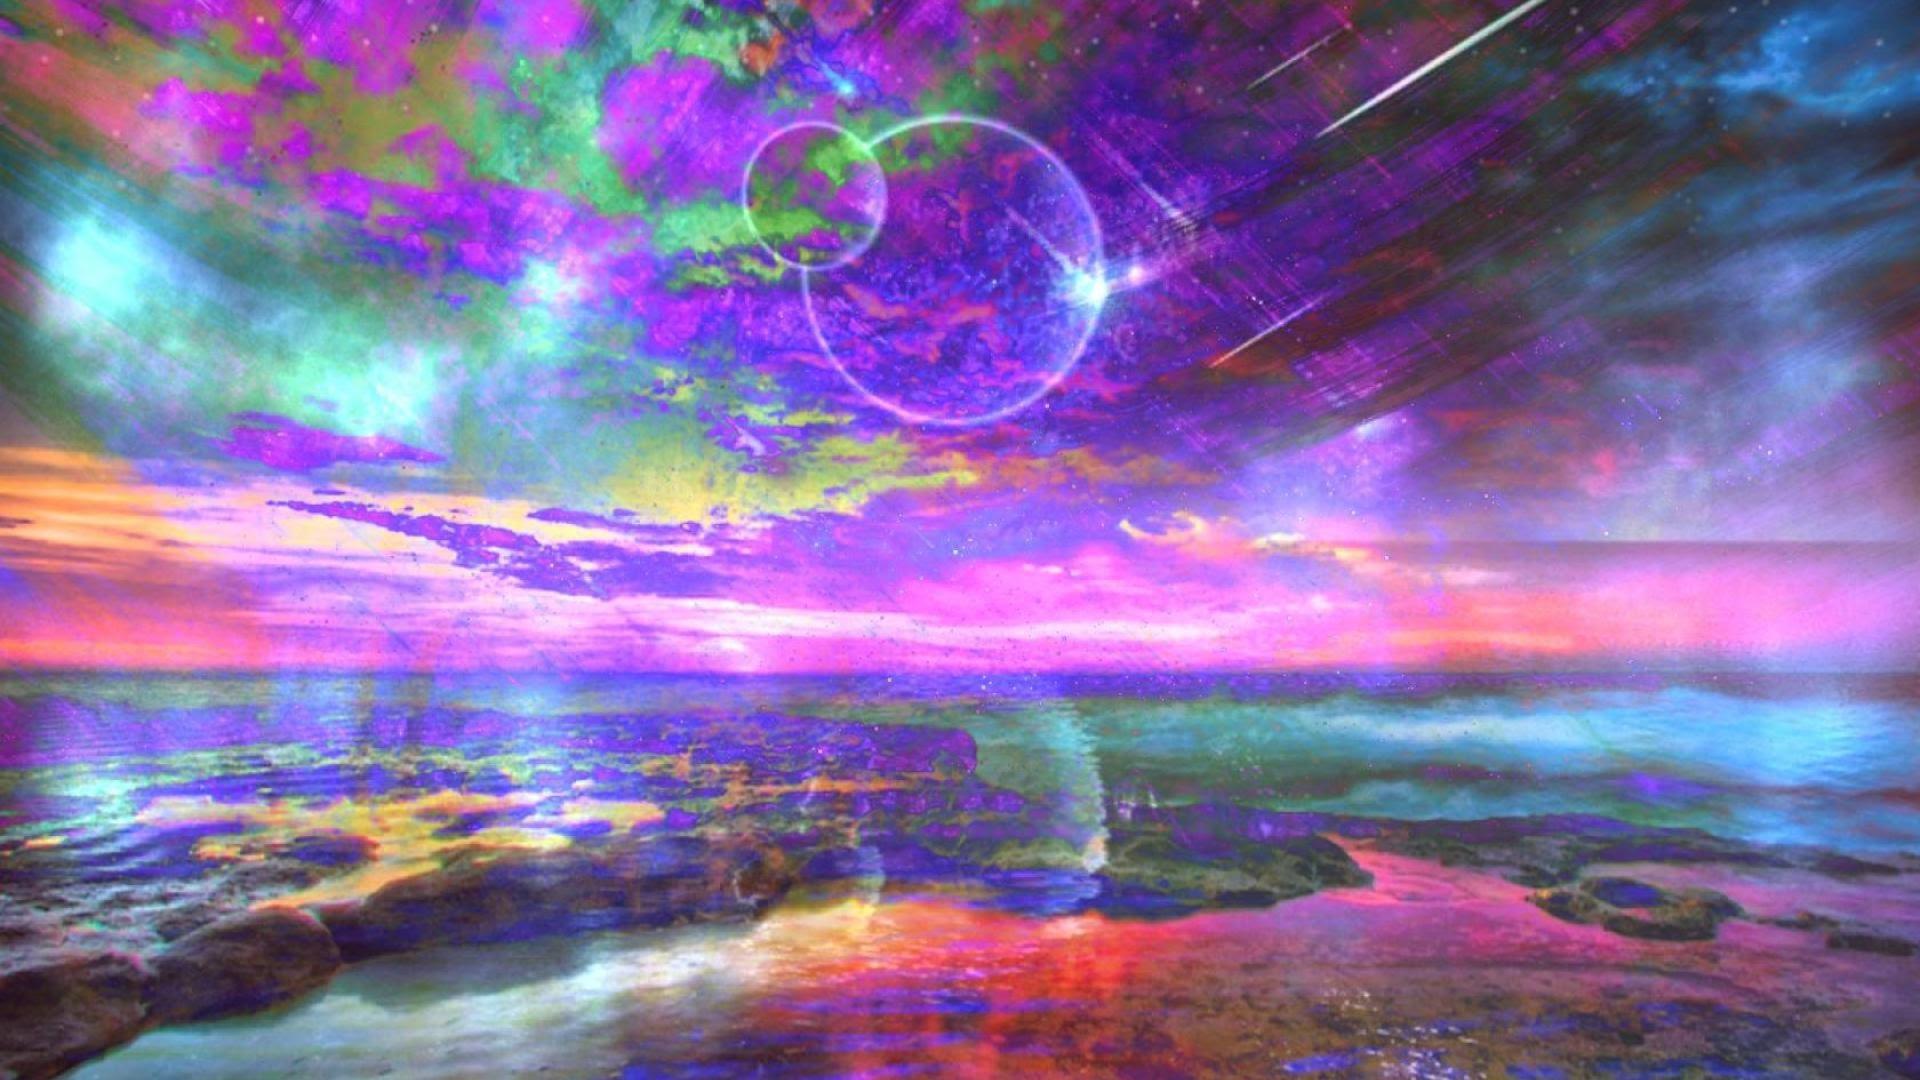 Céu fantasioso ilustrado